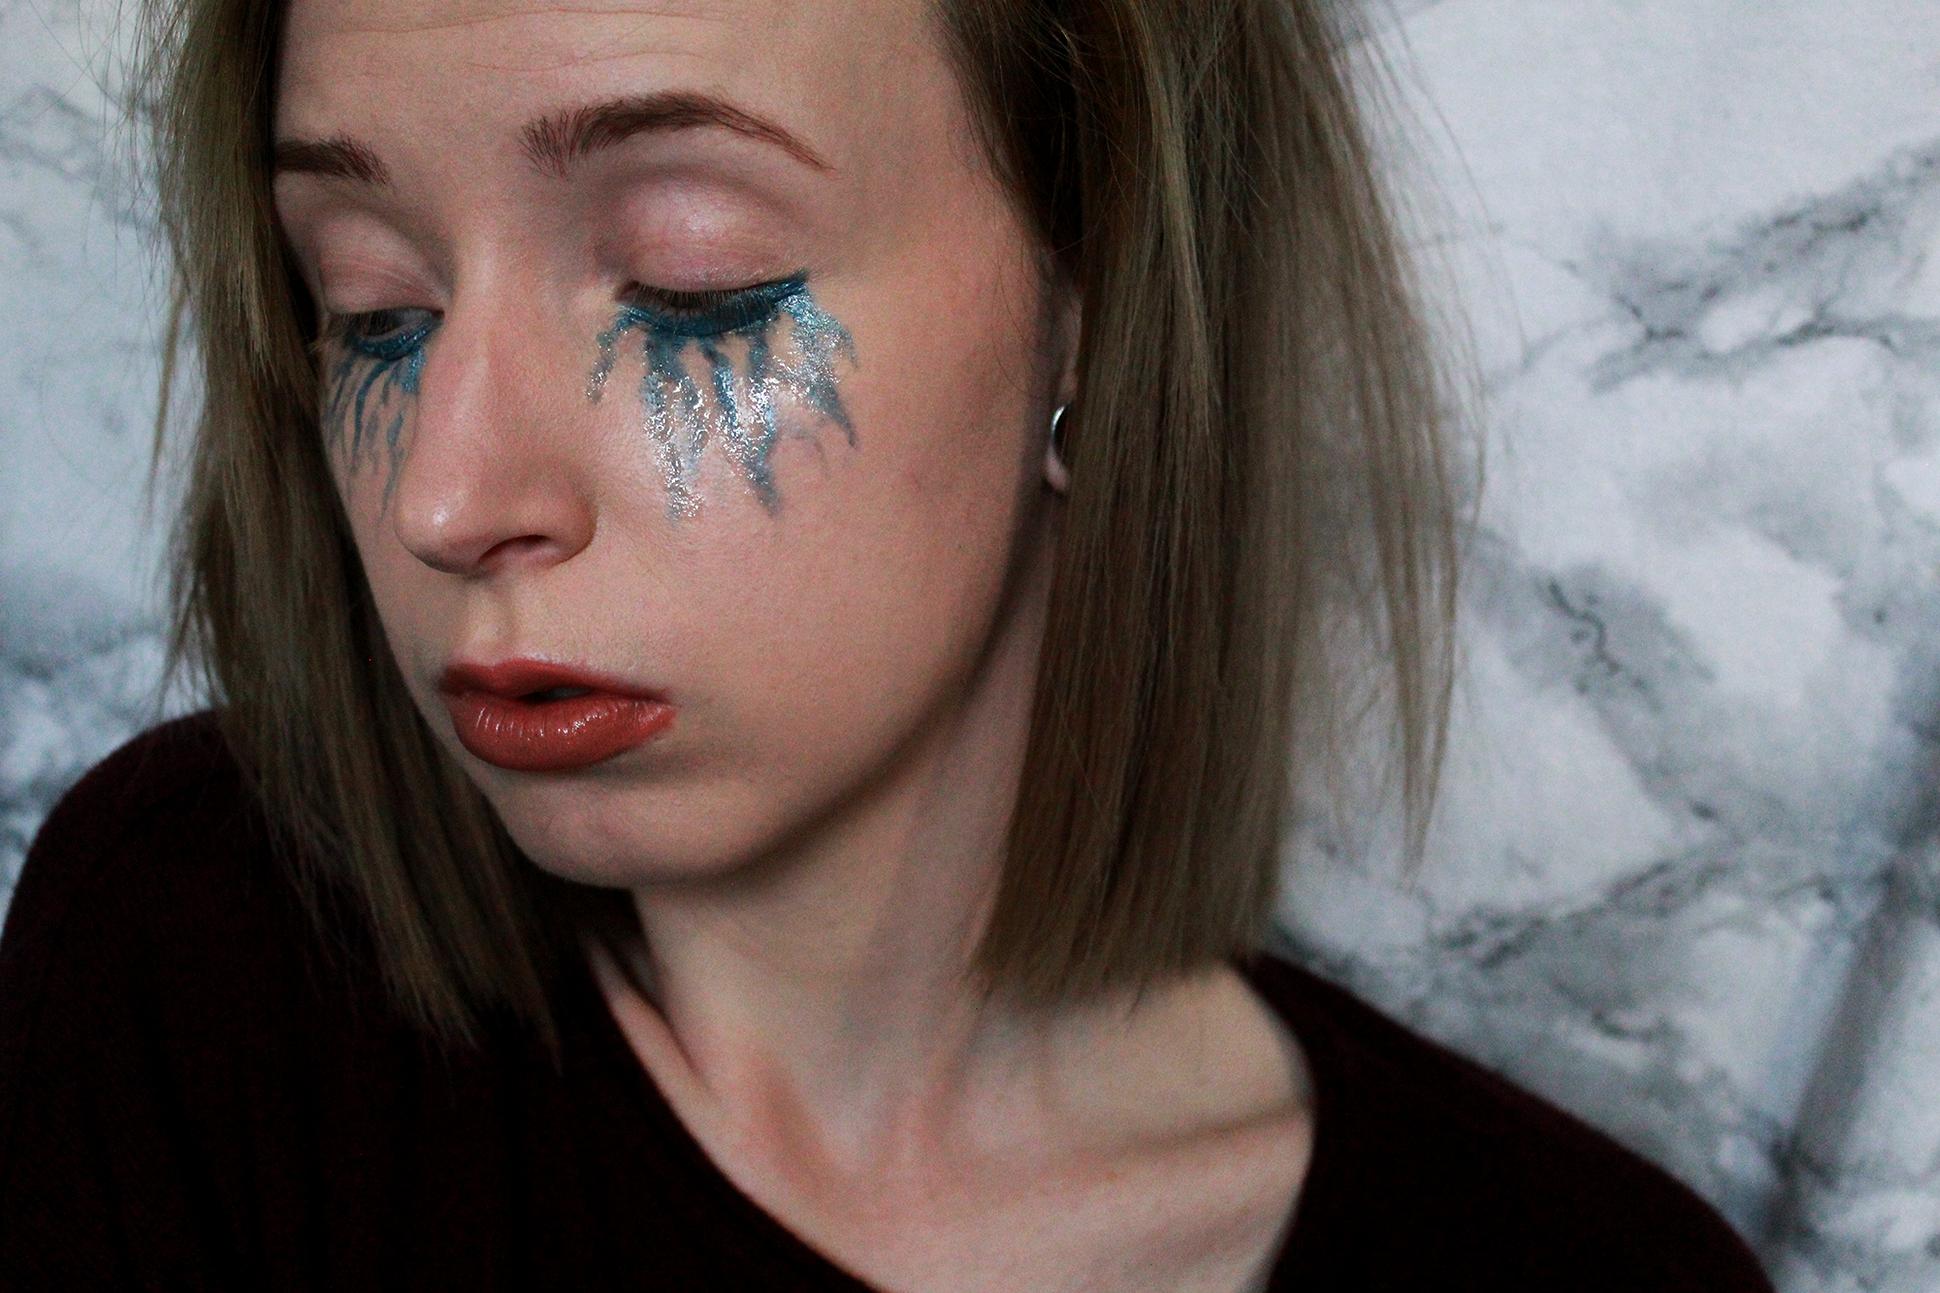 Makeup look: Blue tears